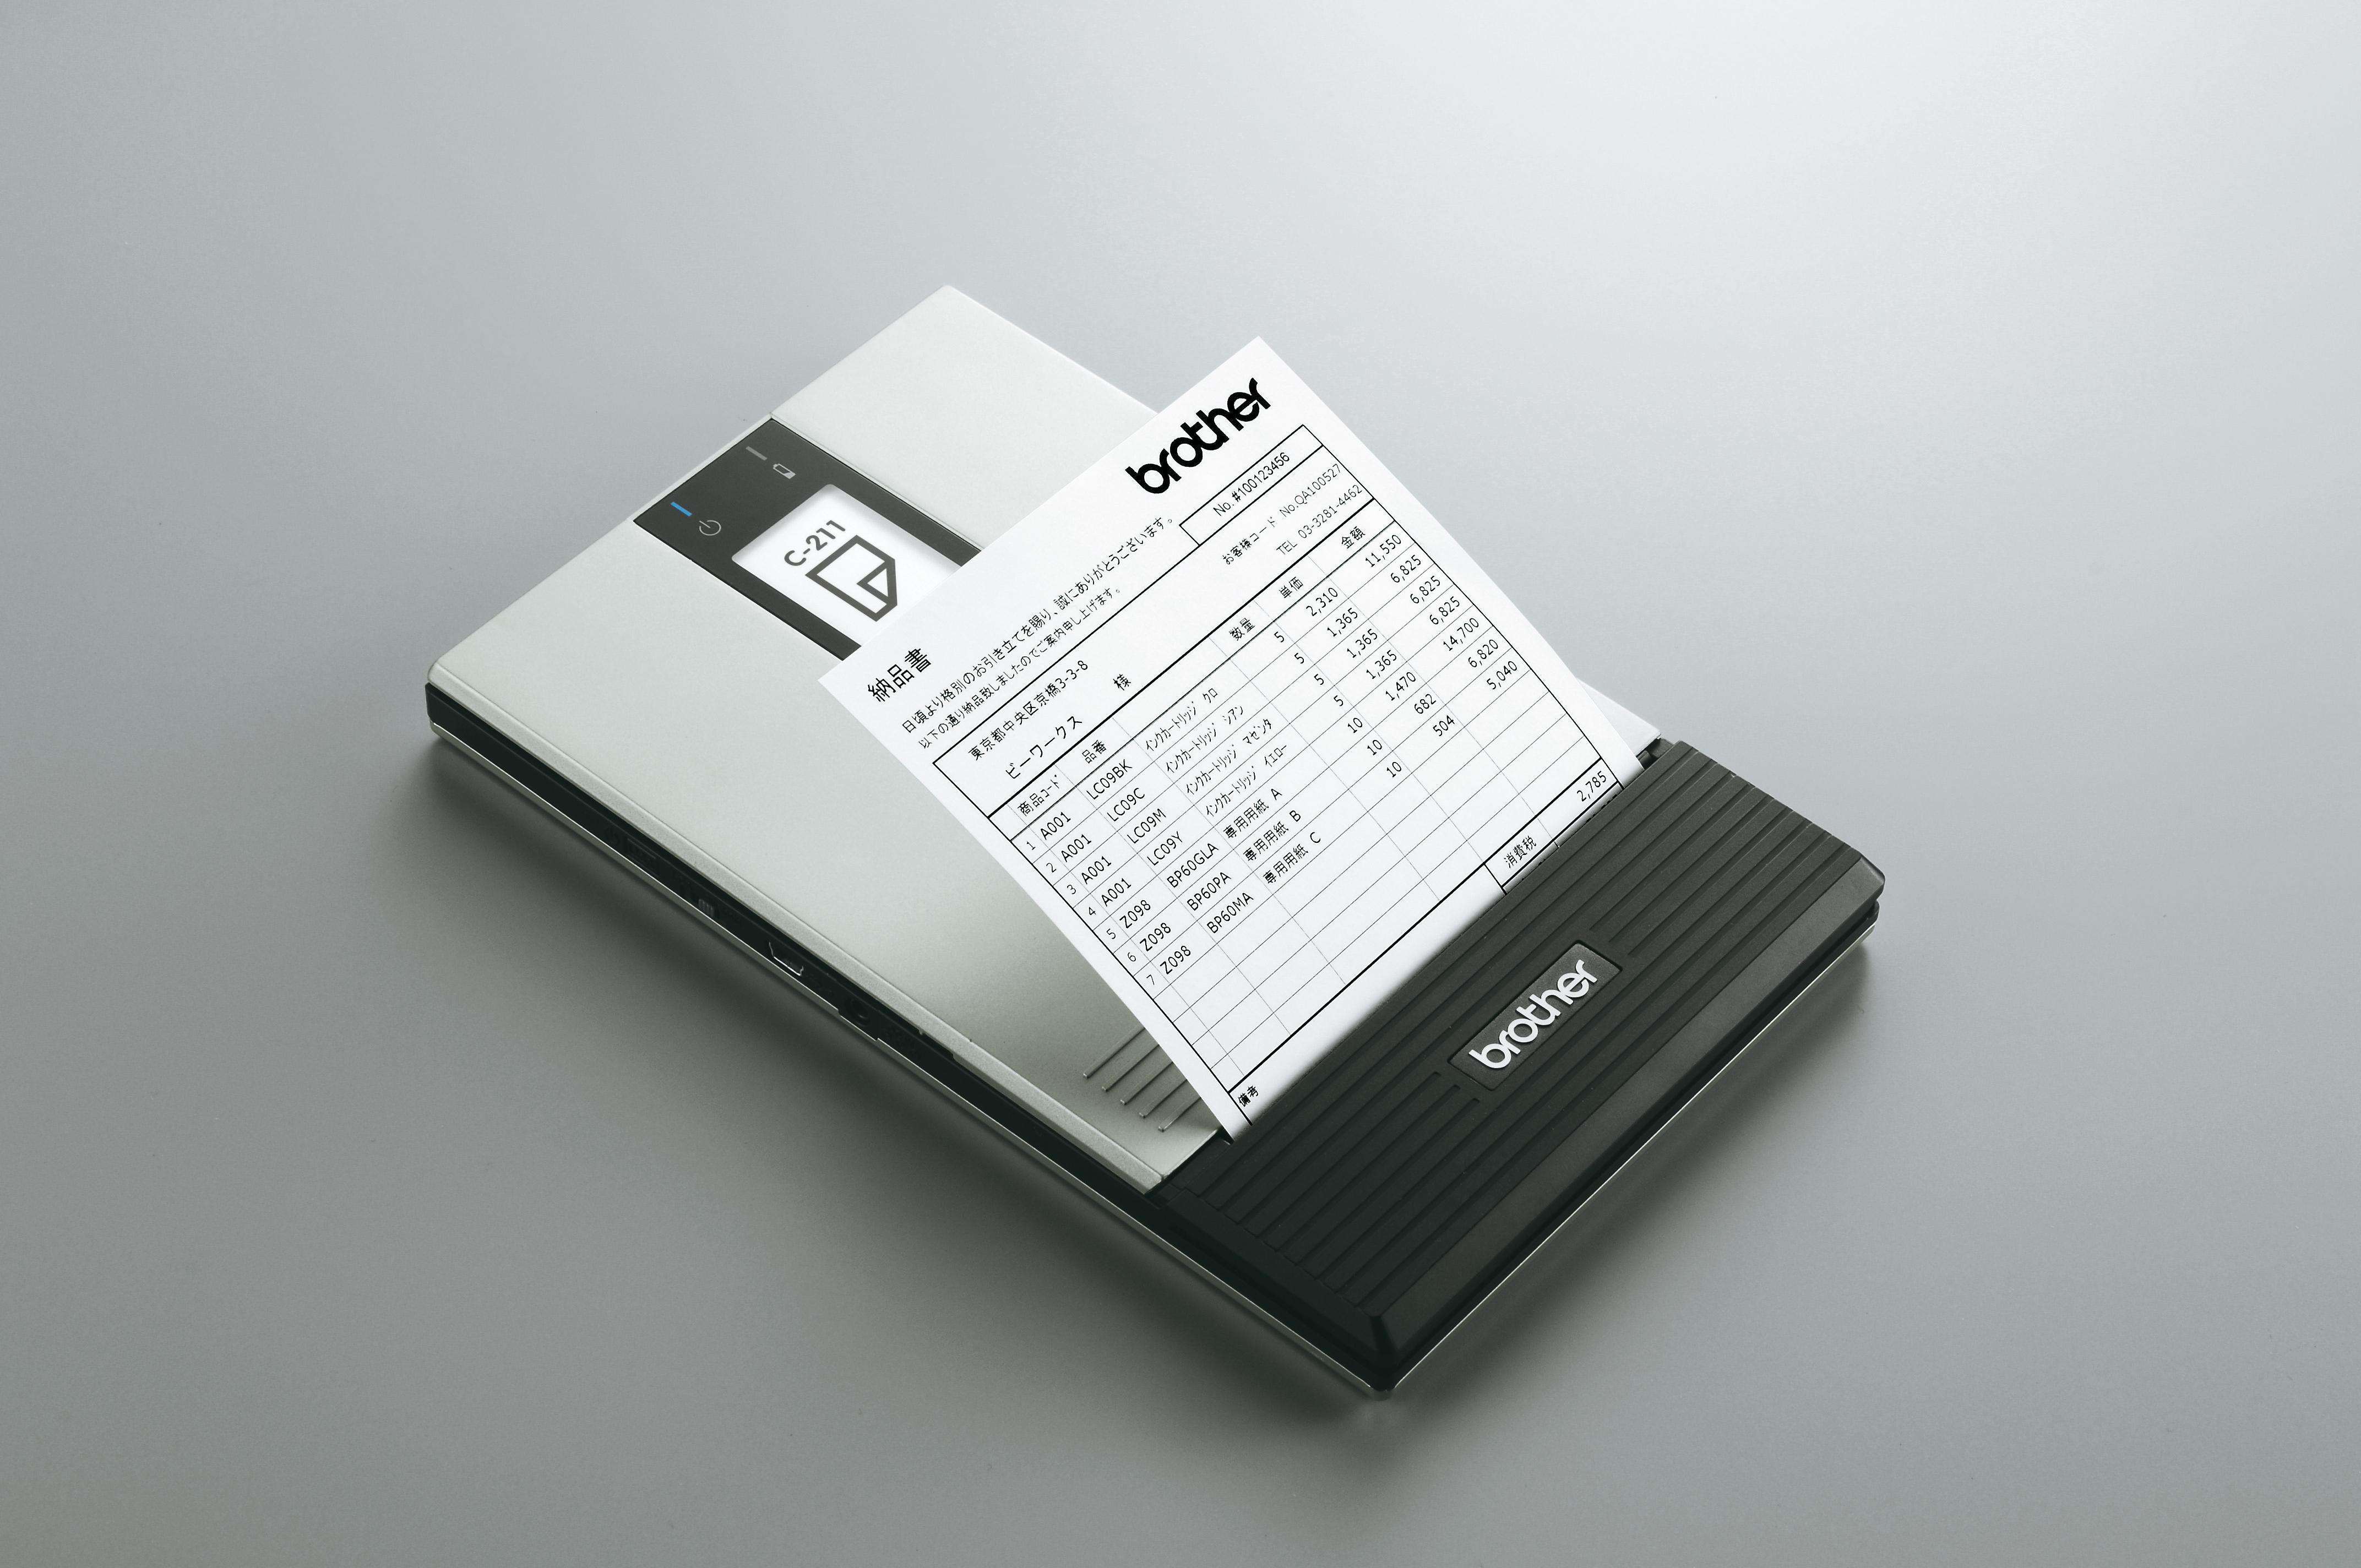 Relier une imprimante a un pc portable Rsolu - Comment a Marche